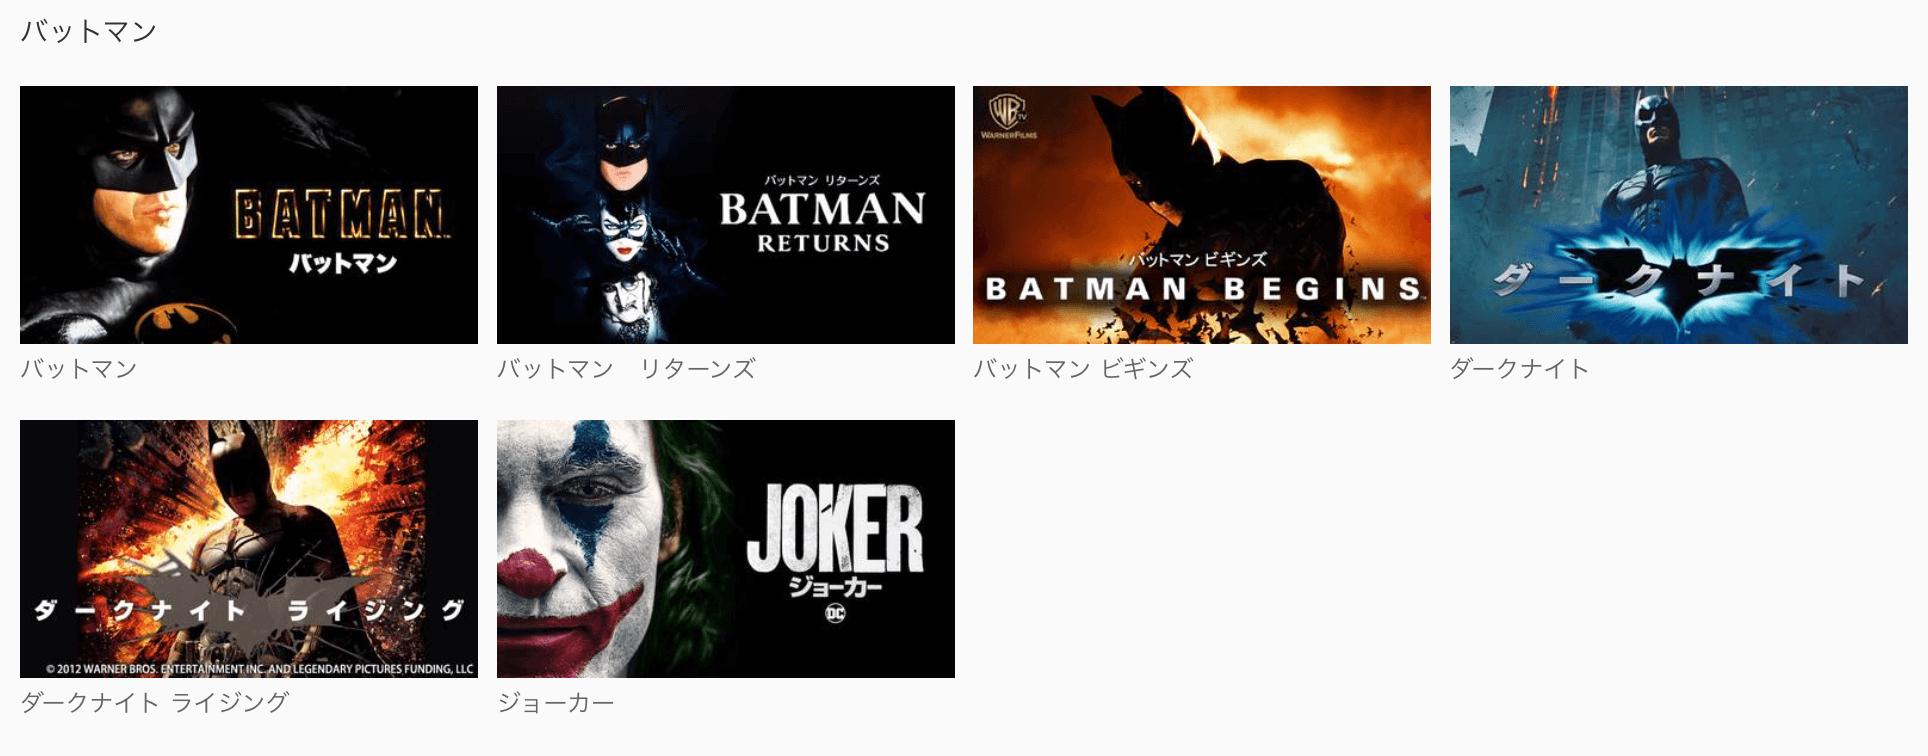 バットマン・ジョーカー U-NEXT